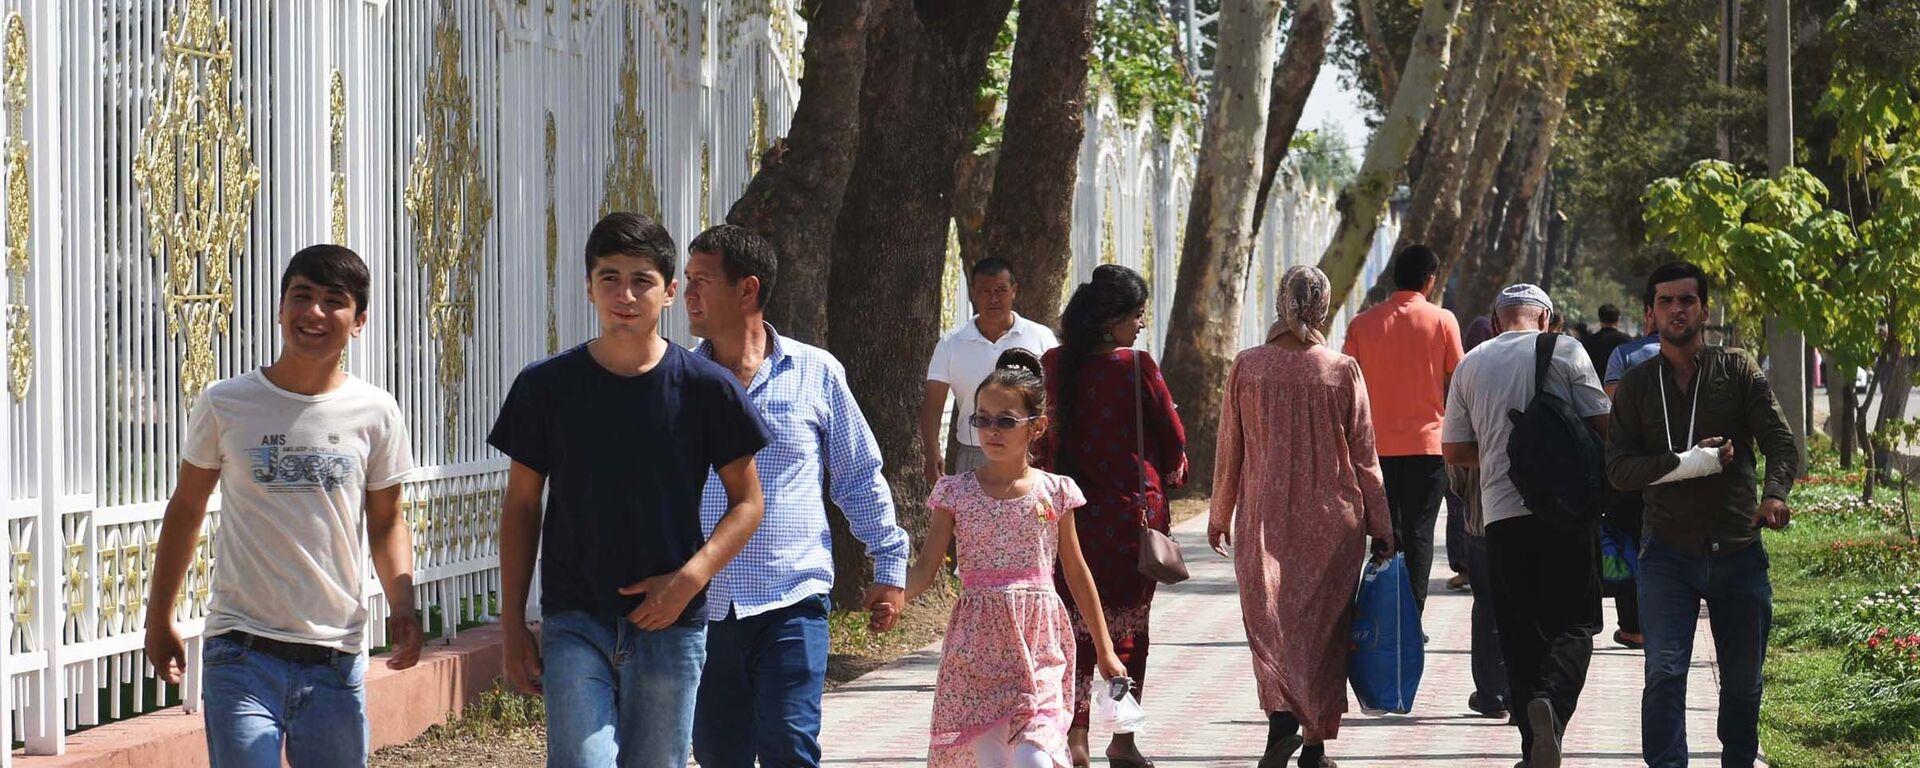 Жители города Душанбе прогуливаются в парке Фирдавси, архивное фото - Sputnik Таджикистан, 1920, 22.06.2021